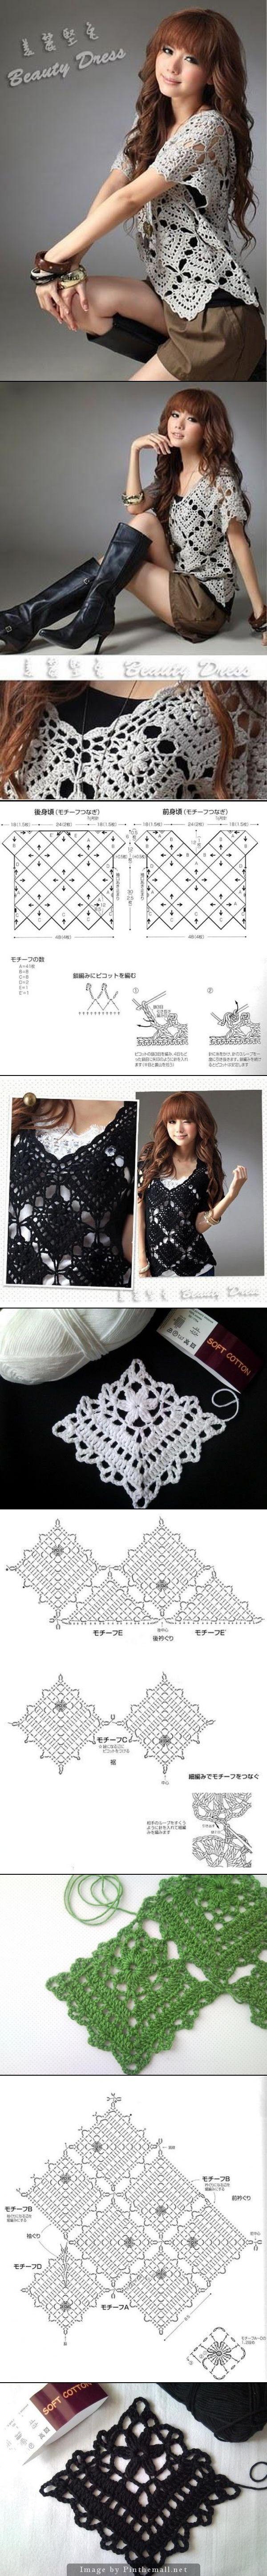 PATRÓN! Crochet motif pullover - liveinternet.ru/journalshowcomments.php?jpostid=230586039&journalid=4342765&go=next&categ=0